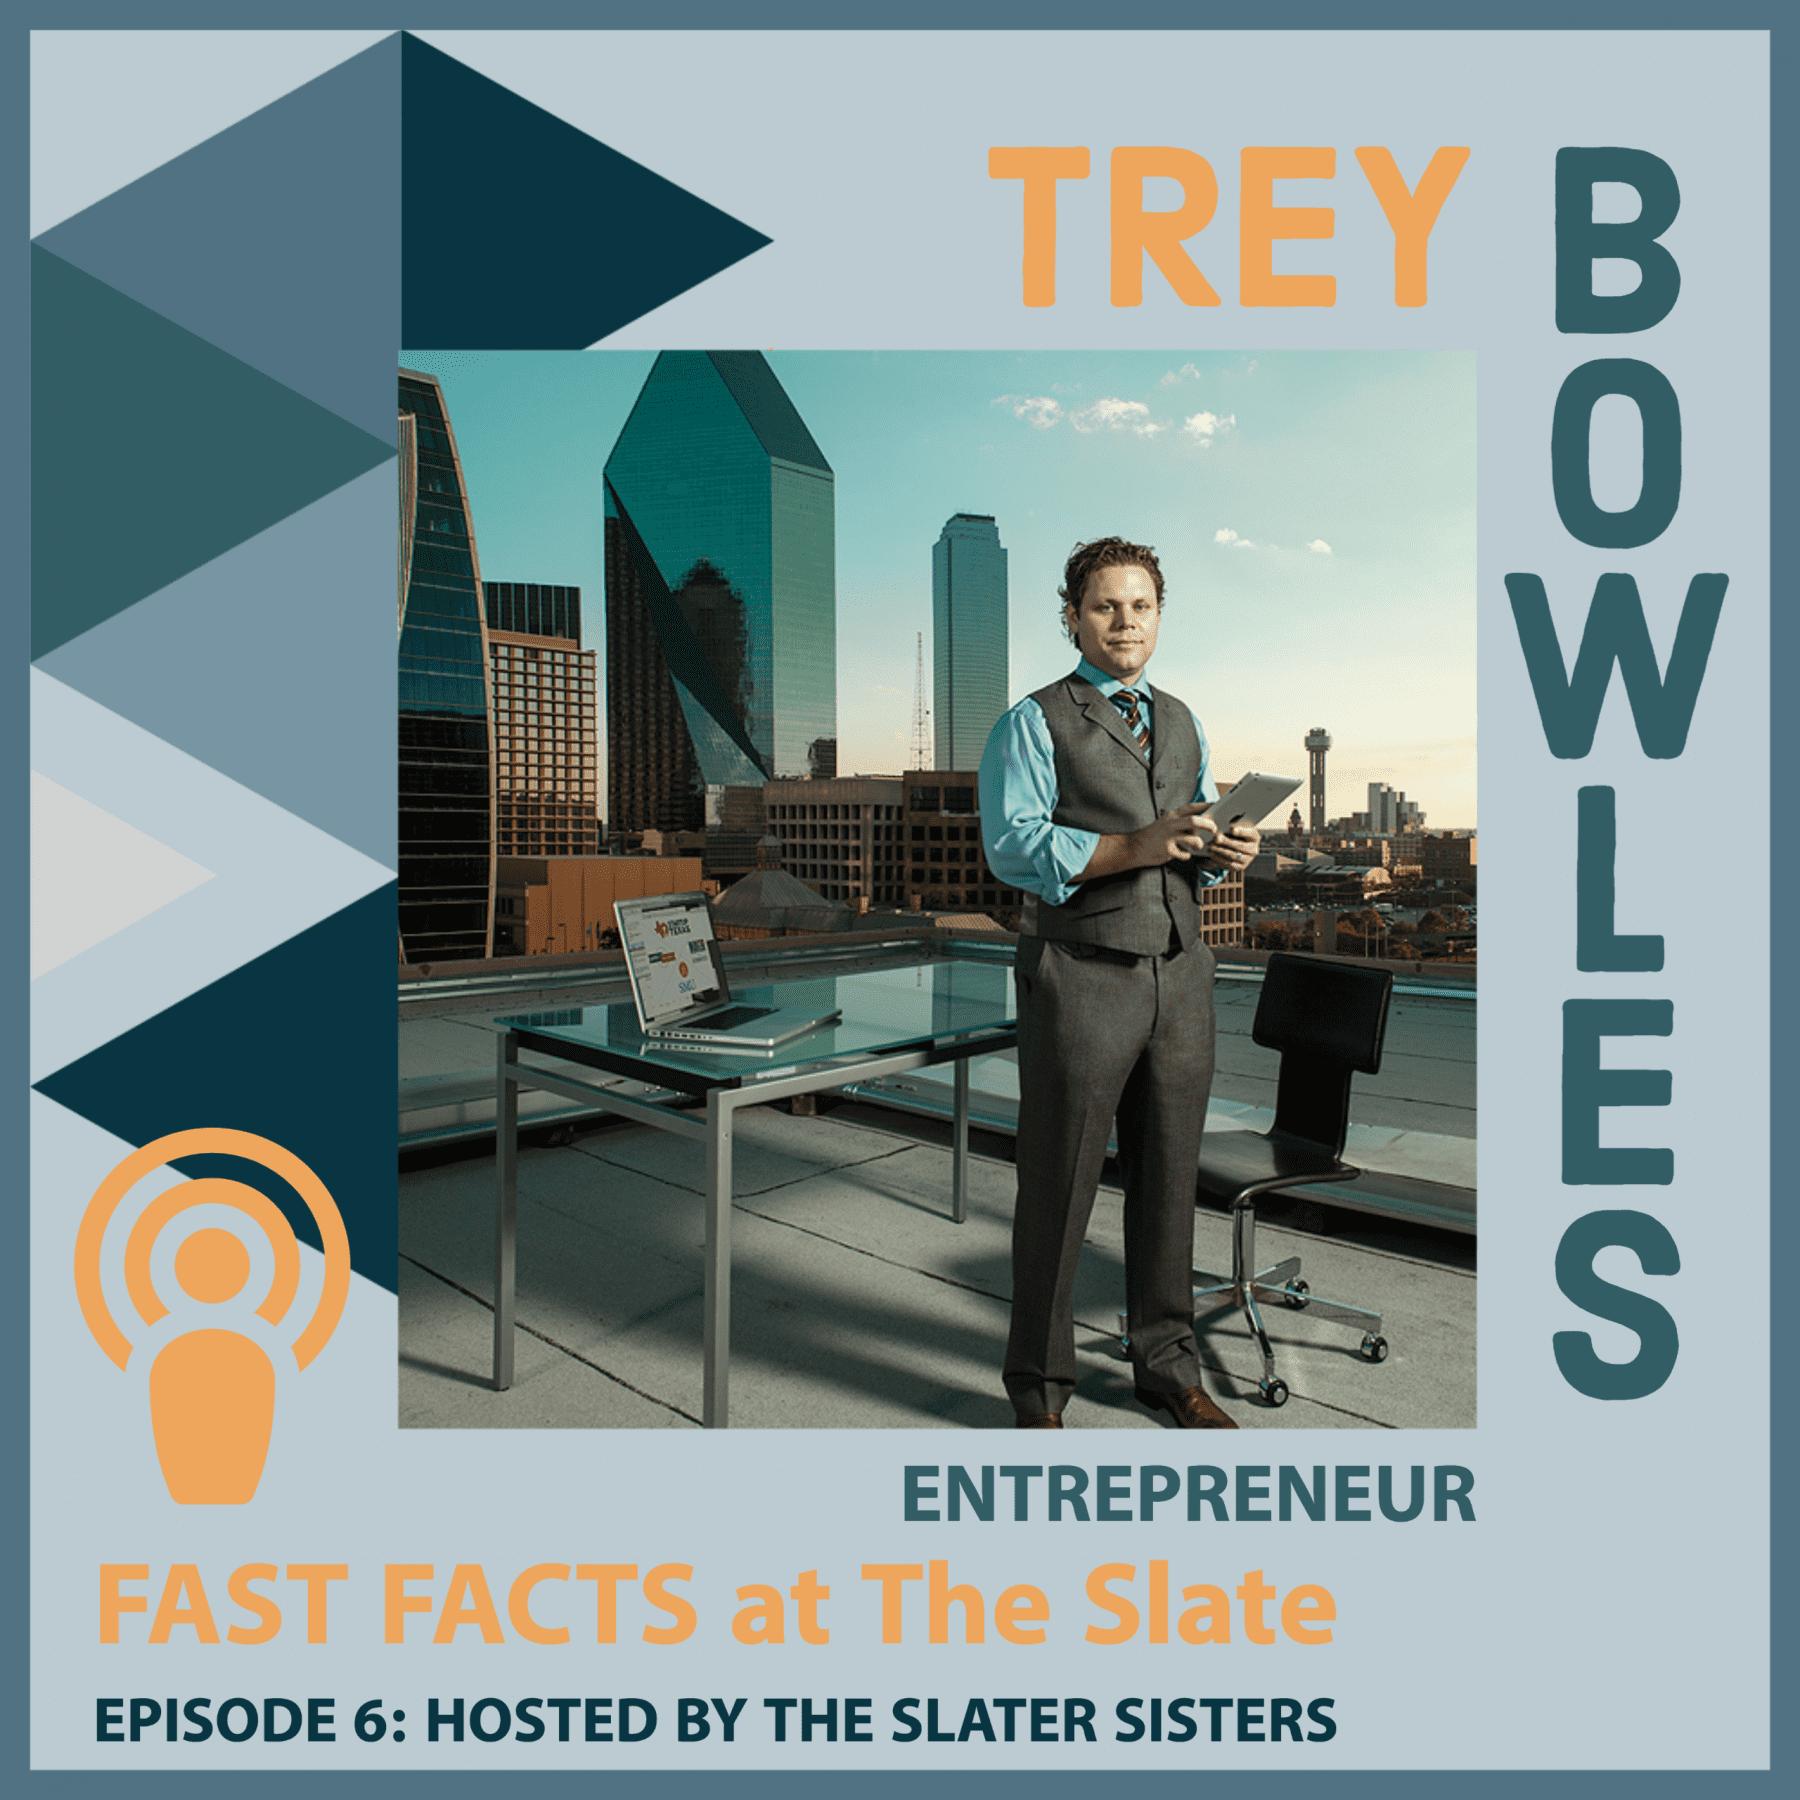 Episode 6: Trey Bowles